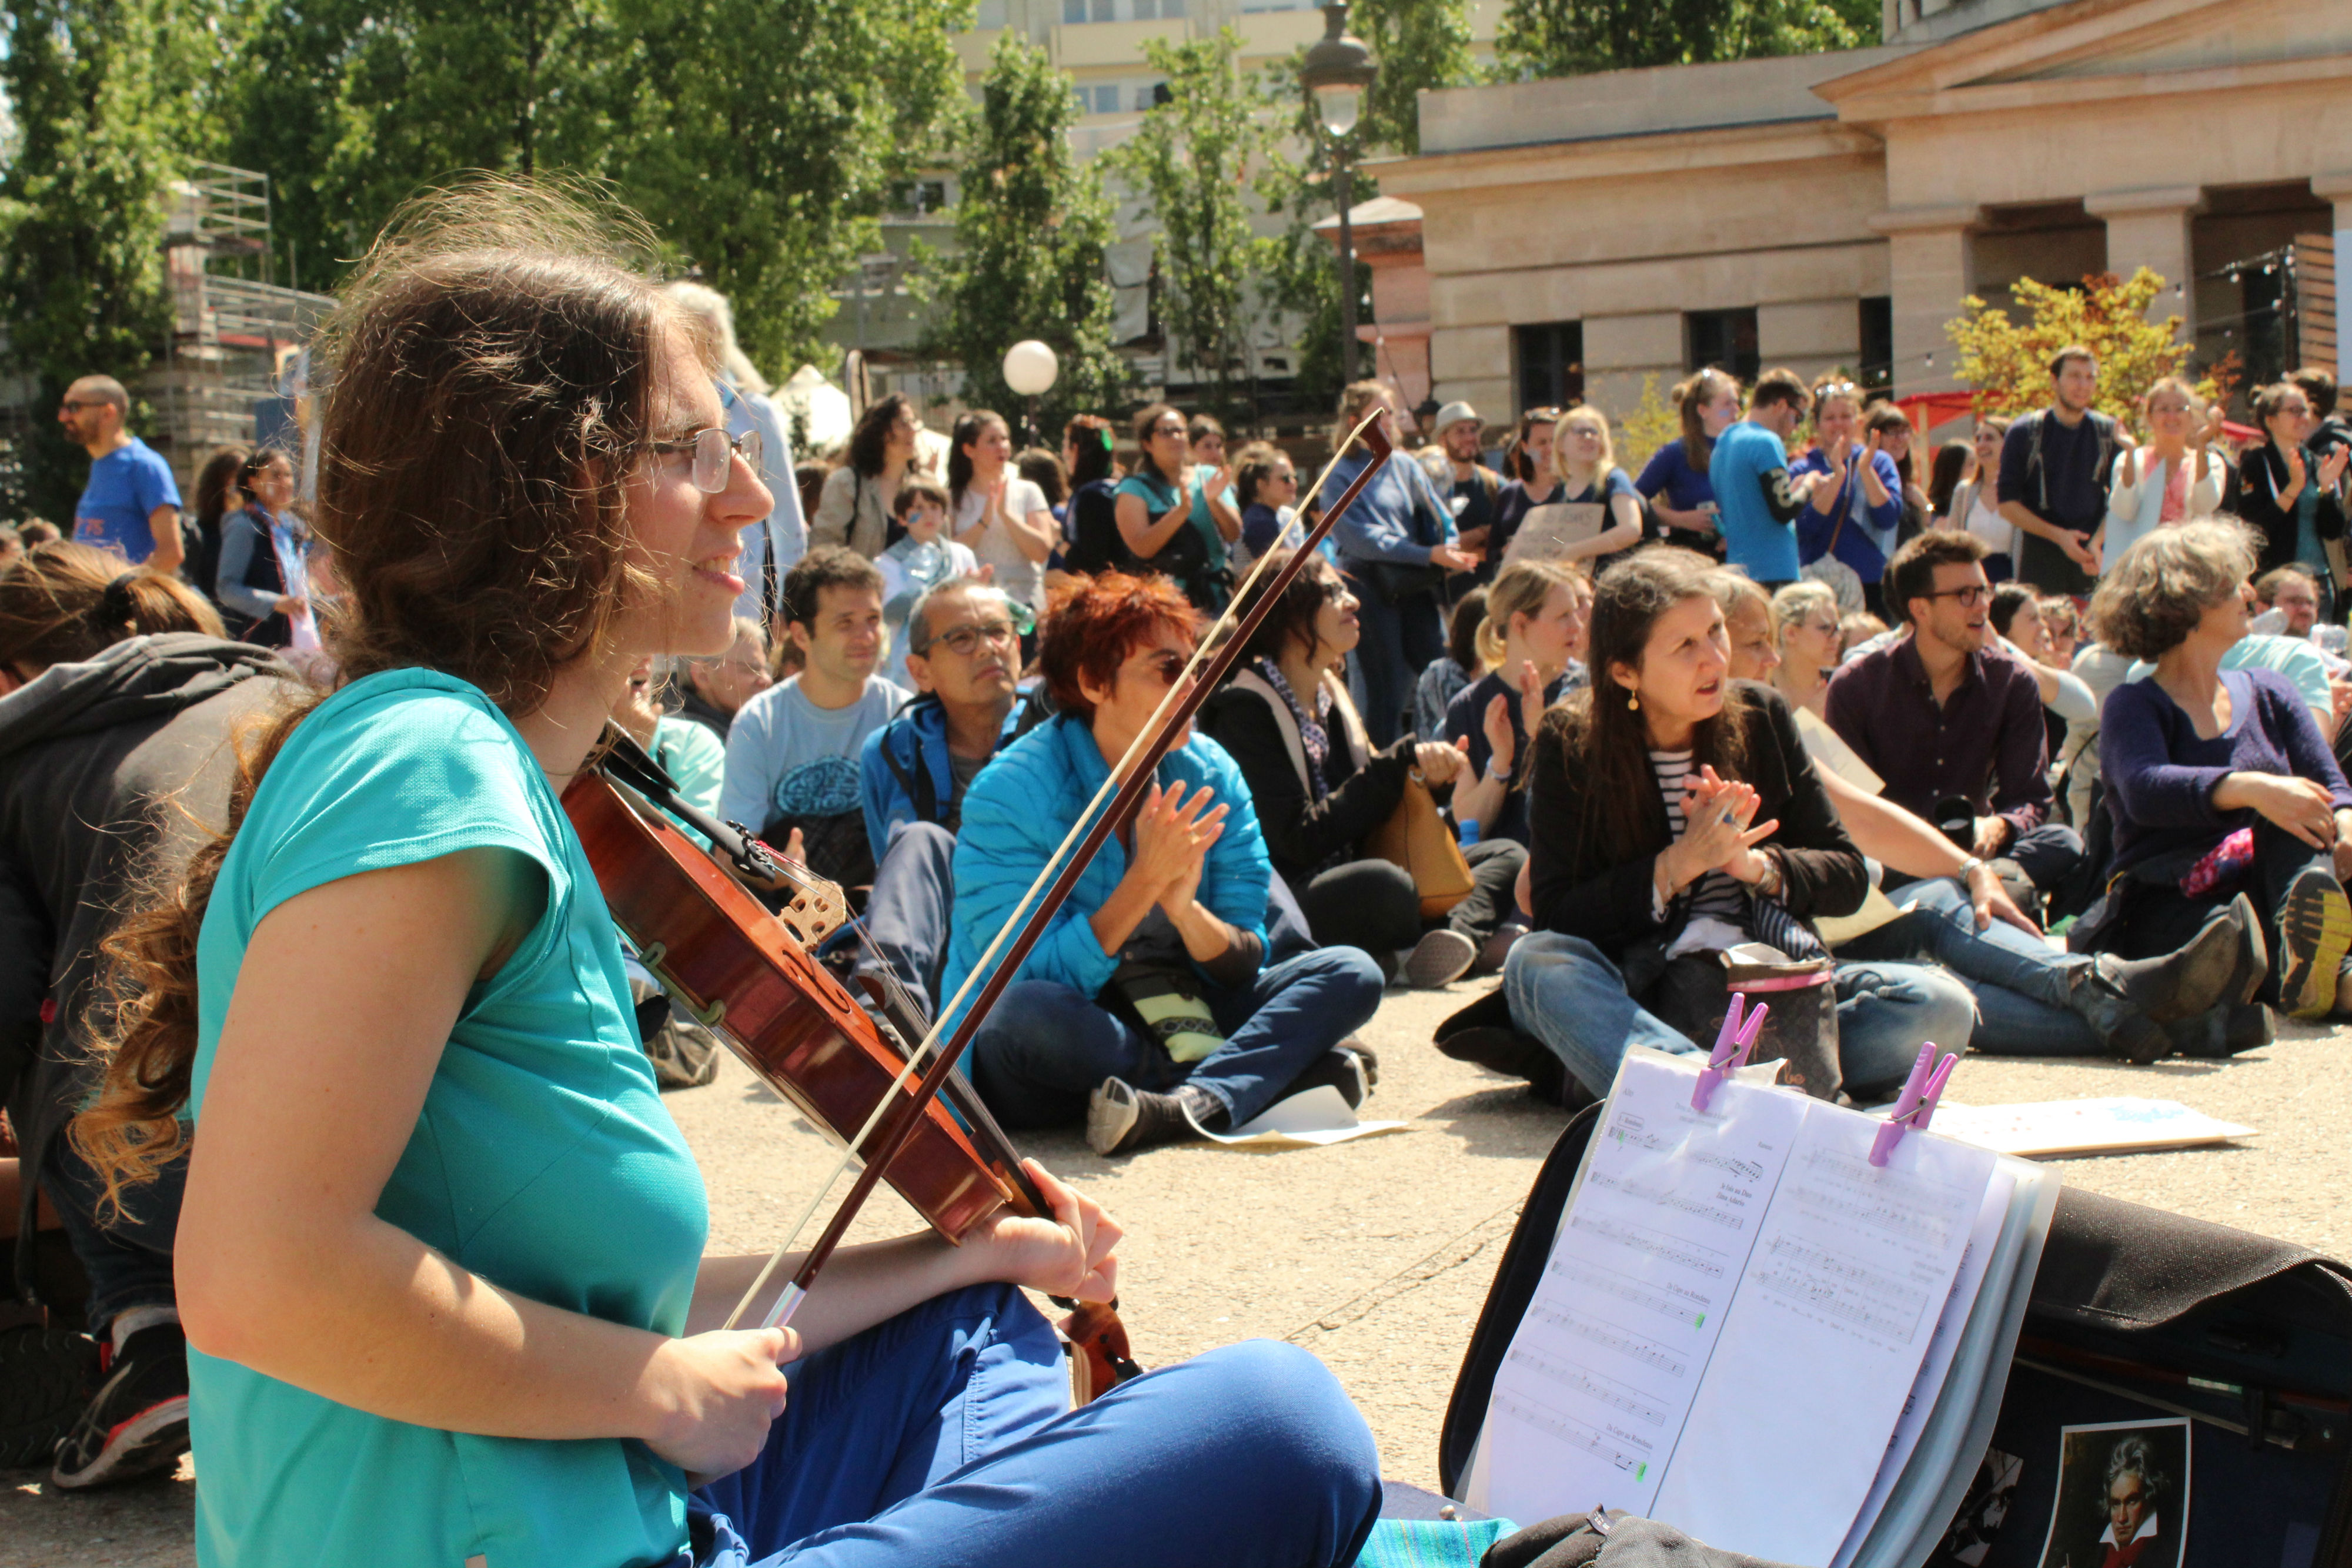 Après la Marche, les manifestant.e.s se sont retrouvé.e.s place de la Bataille-de-Stalingrad pour assister à un concert de l'Orchestre Debout / ©Cypriane El-Chami